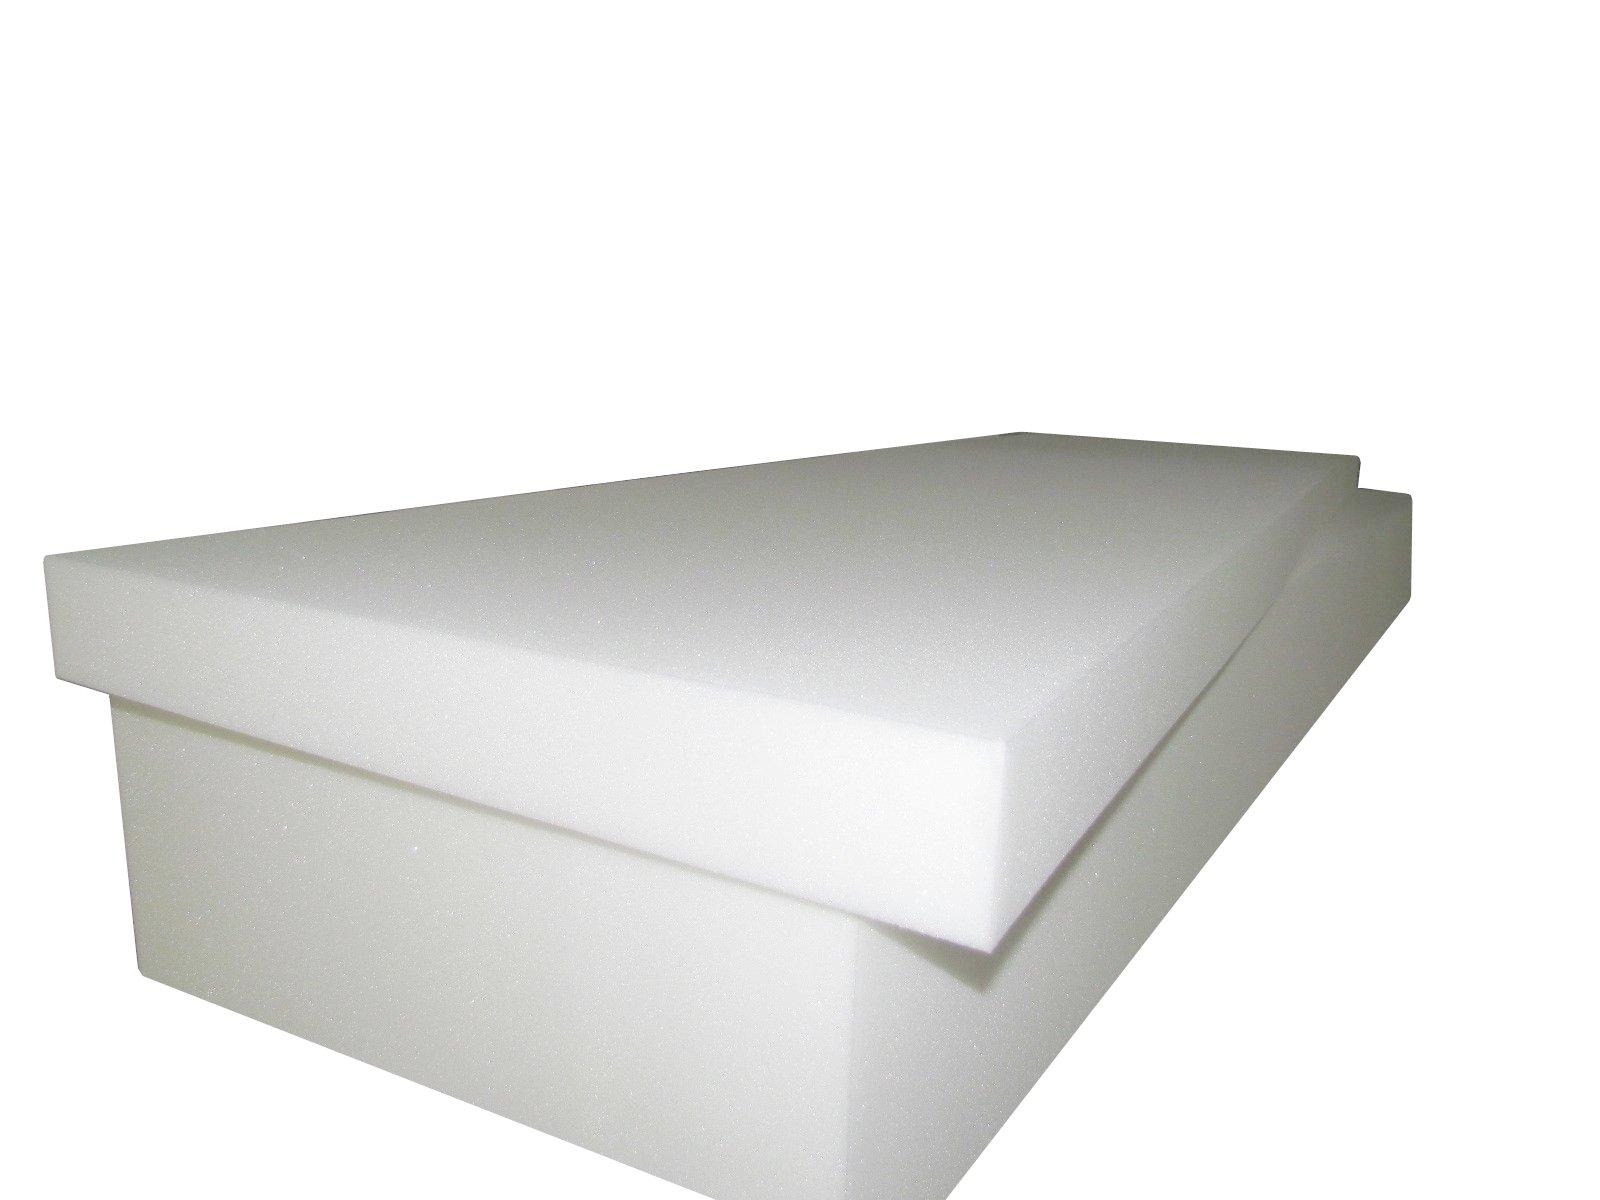 Foam Cushion 7''T x 27''W x 80''L (1536) ''MEDIUM FIRM'' Sofa Seat Replacement Foam Cushion, Upholstery Foam Slab, Foam Padding